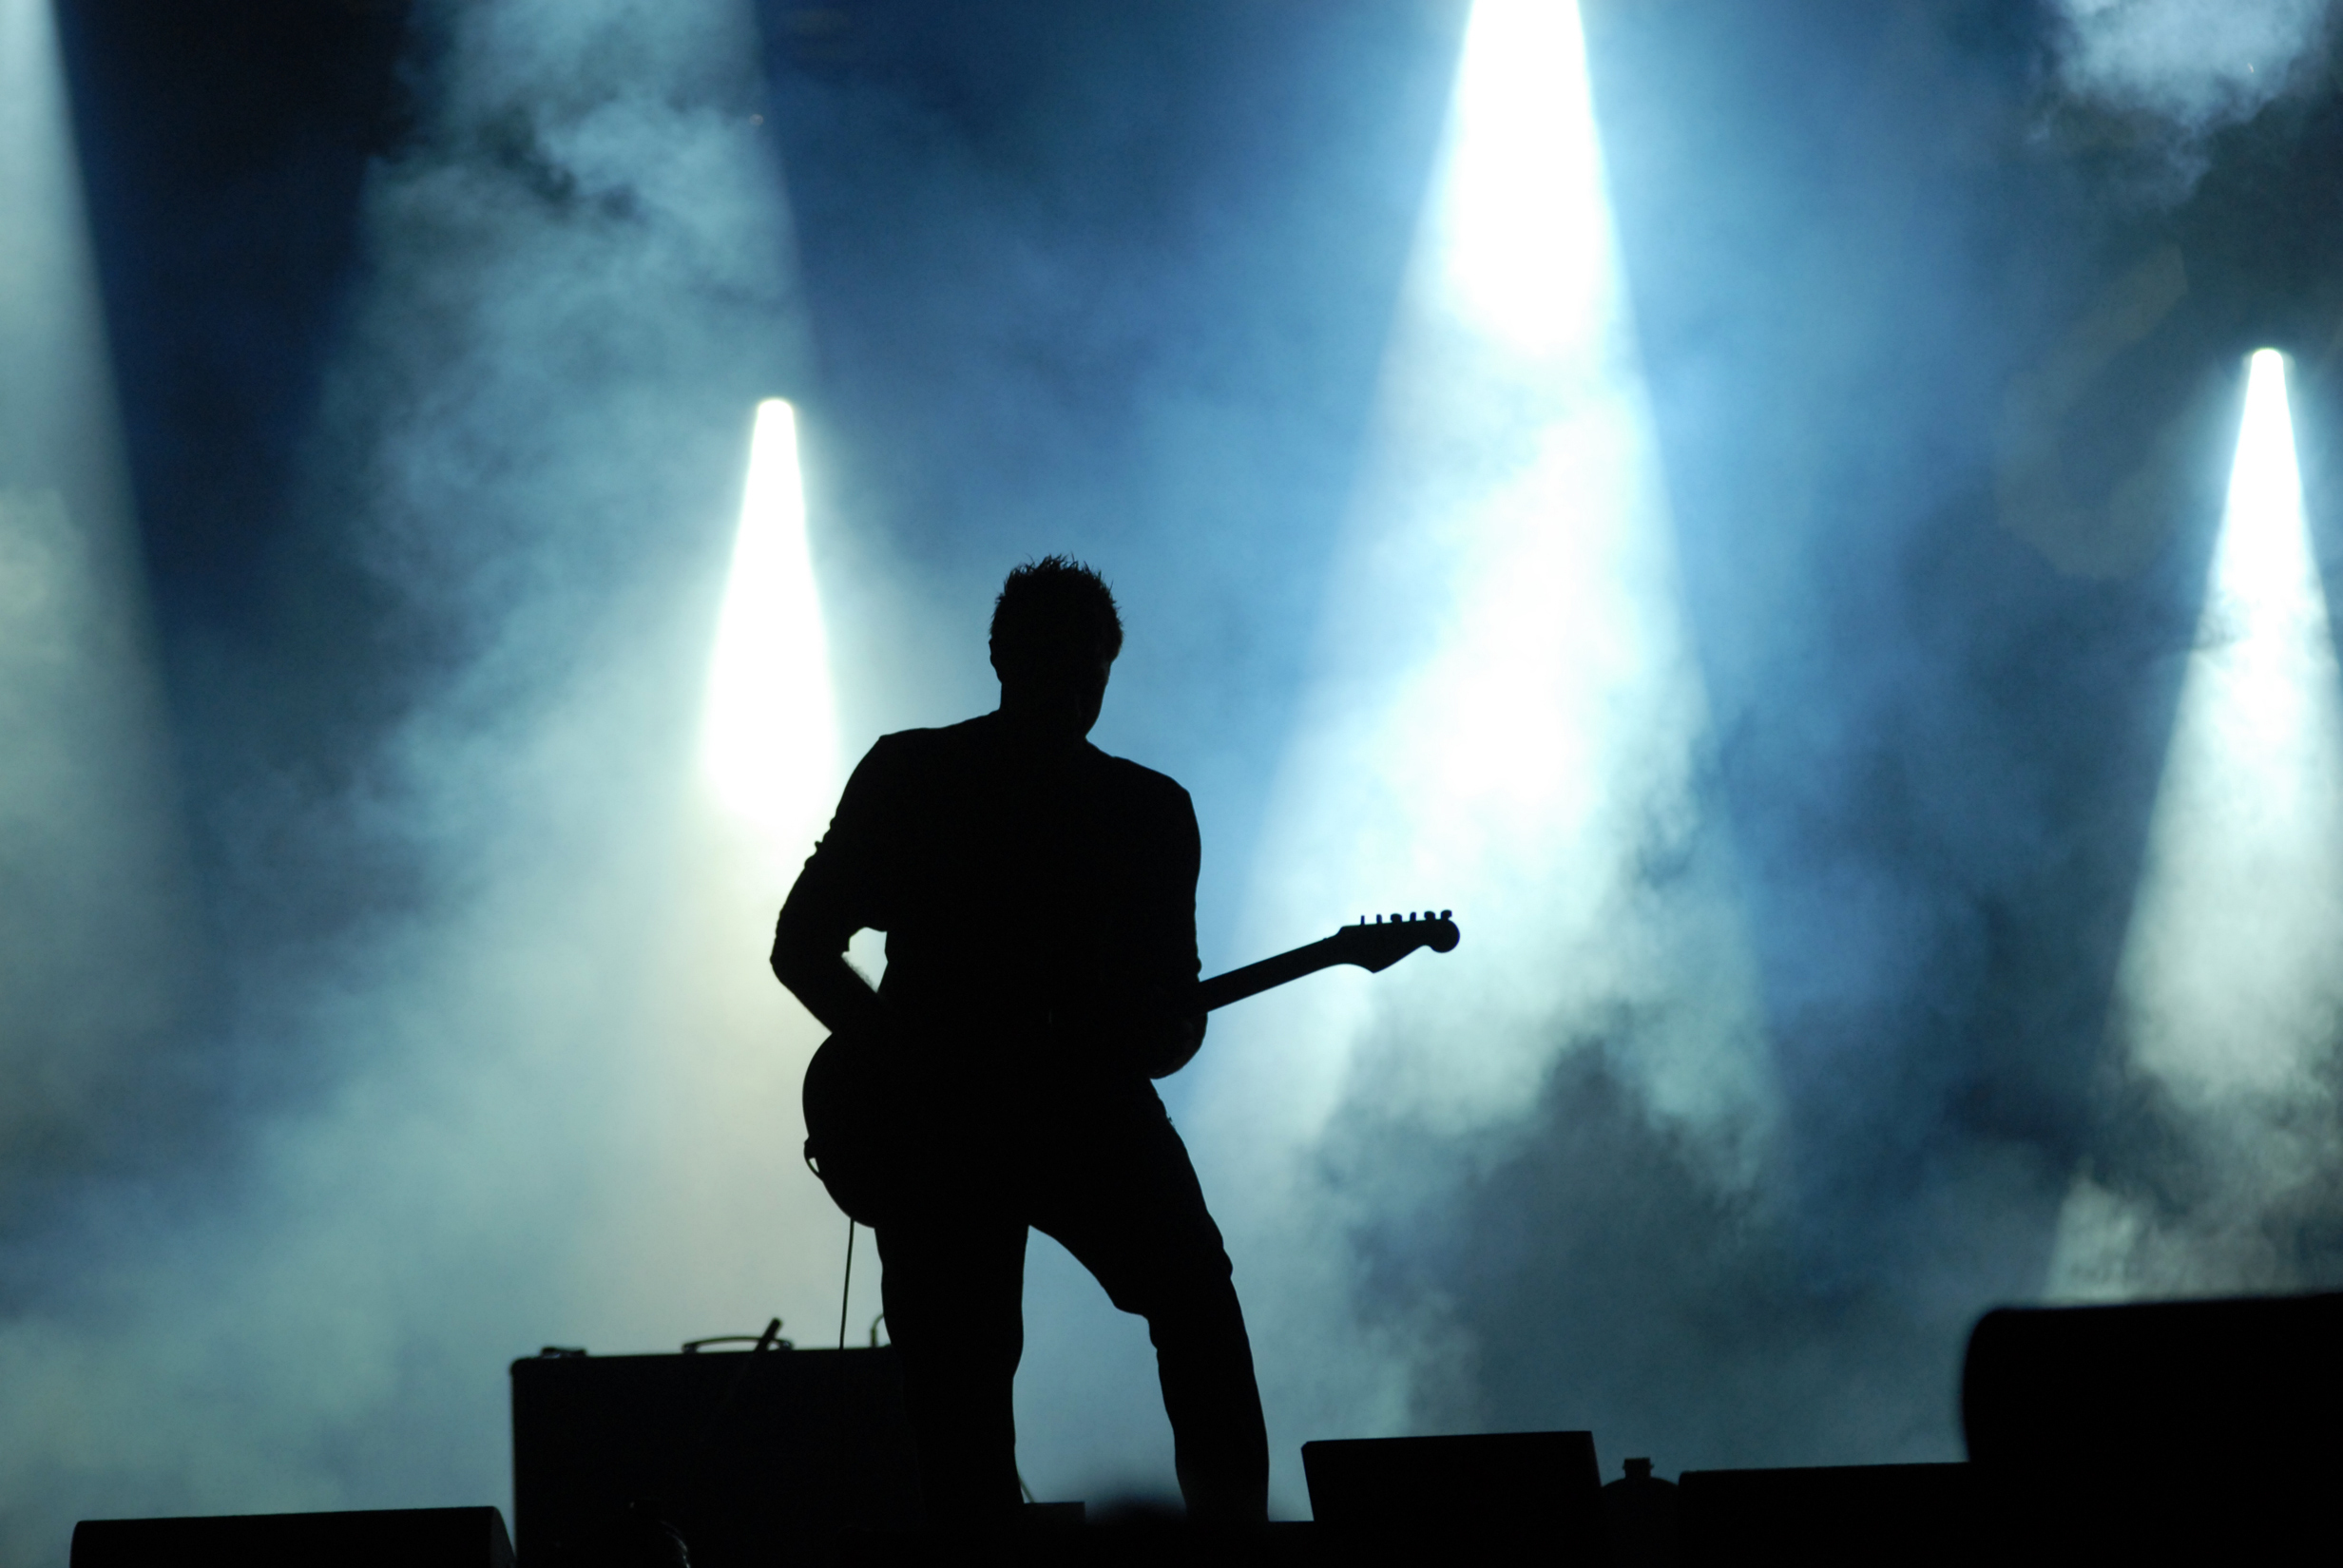 musicianearplugs.jpg